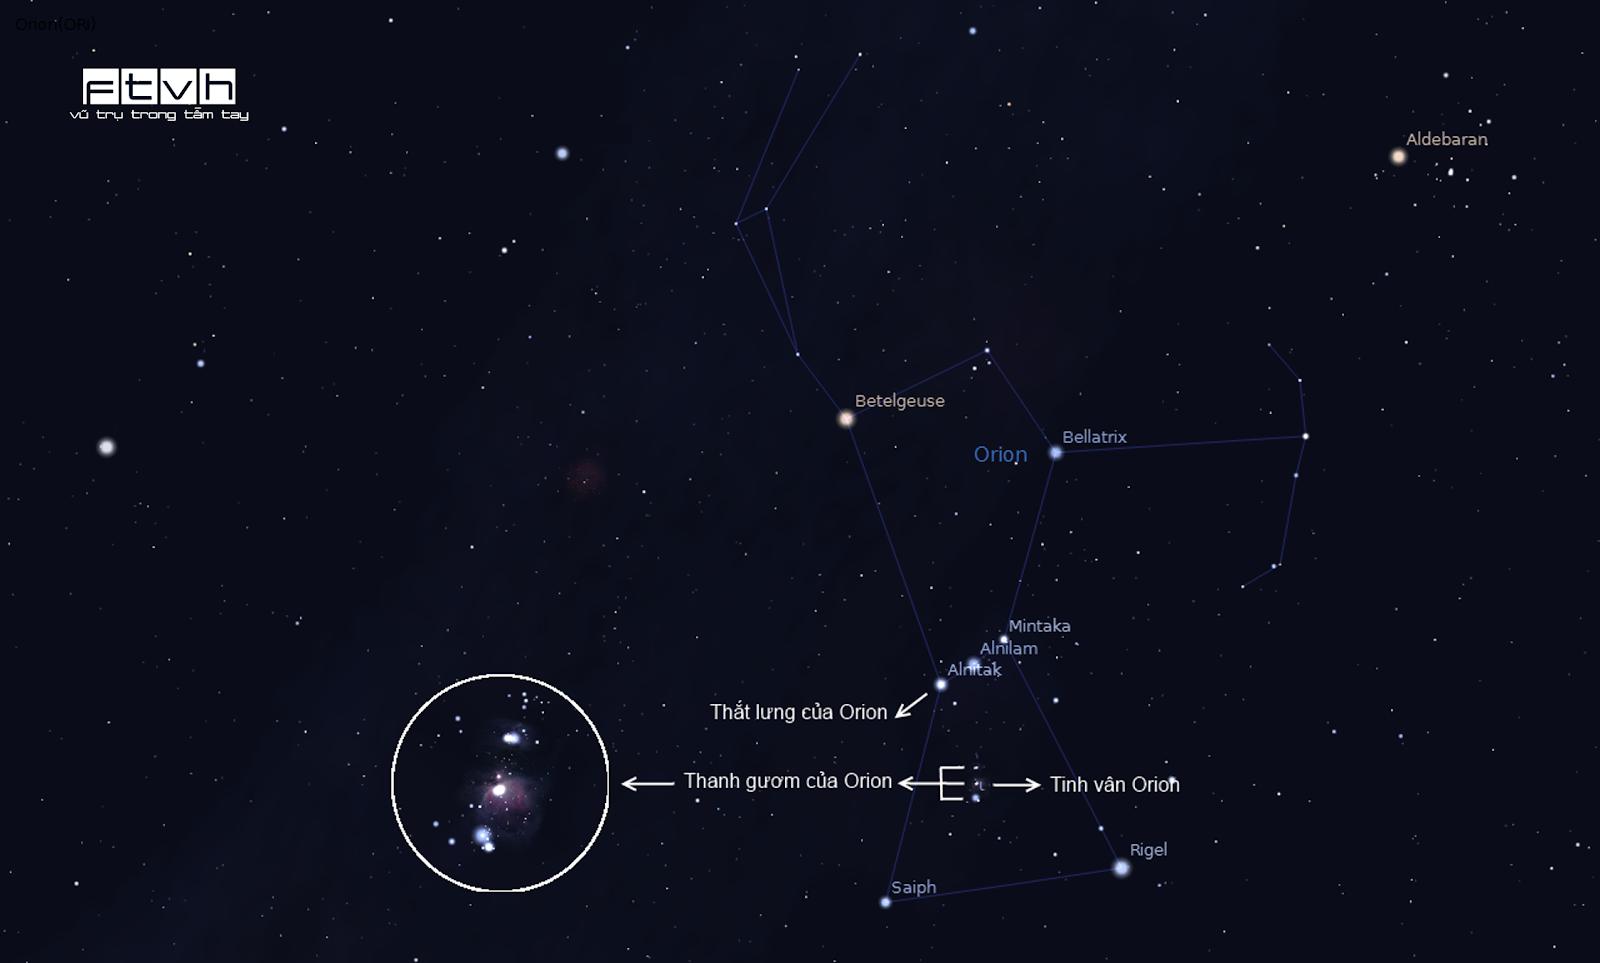 Chòm sao Orion, Thắt lưng của Orion, Thanh gươm của Orion và tinh vân Orion. Hình minh họa bởi Stellarium.